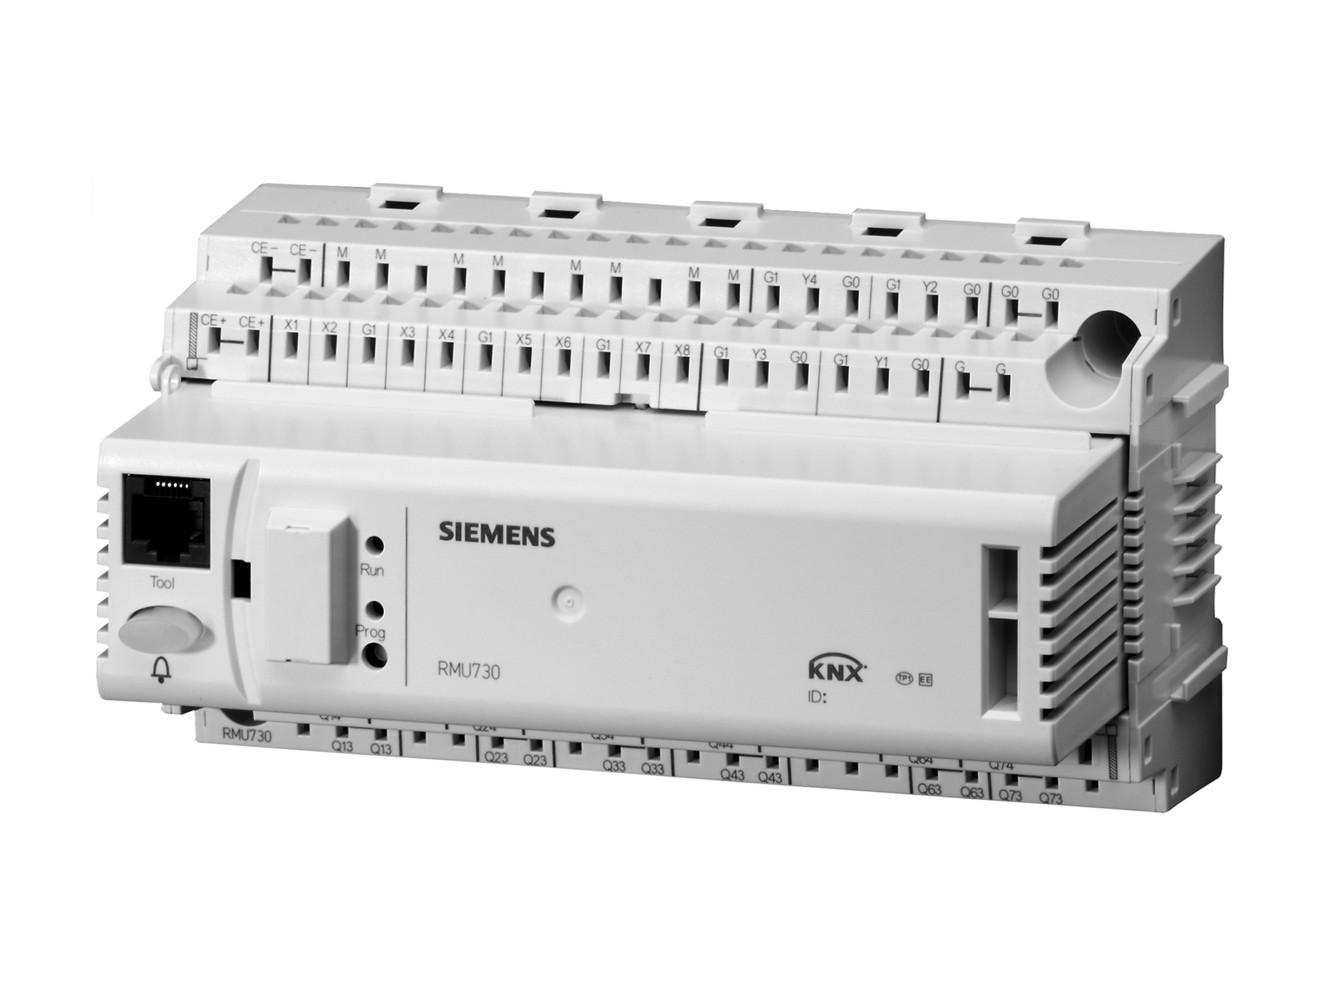 Siemens synco 700 pdf